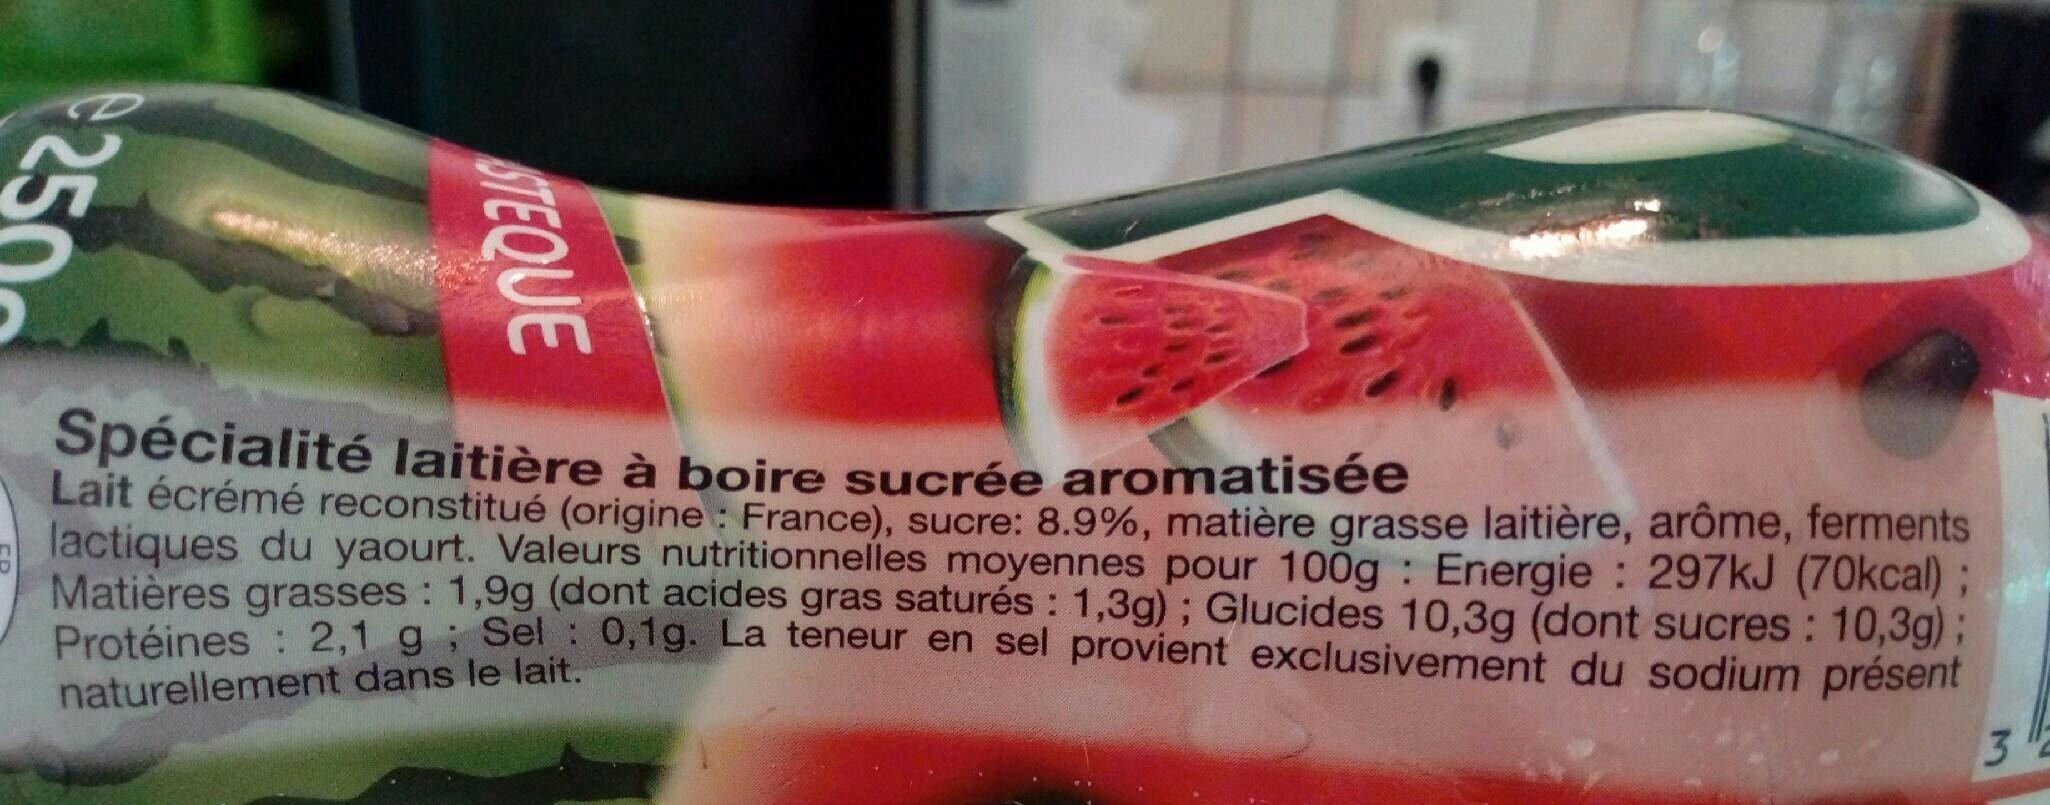 Yop pastèque - Ingrédients